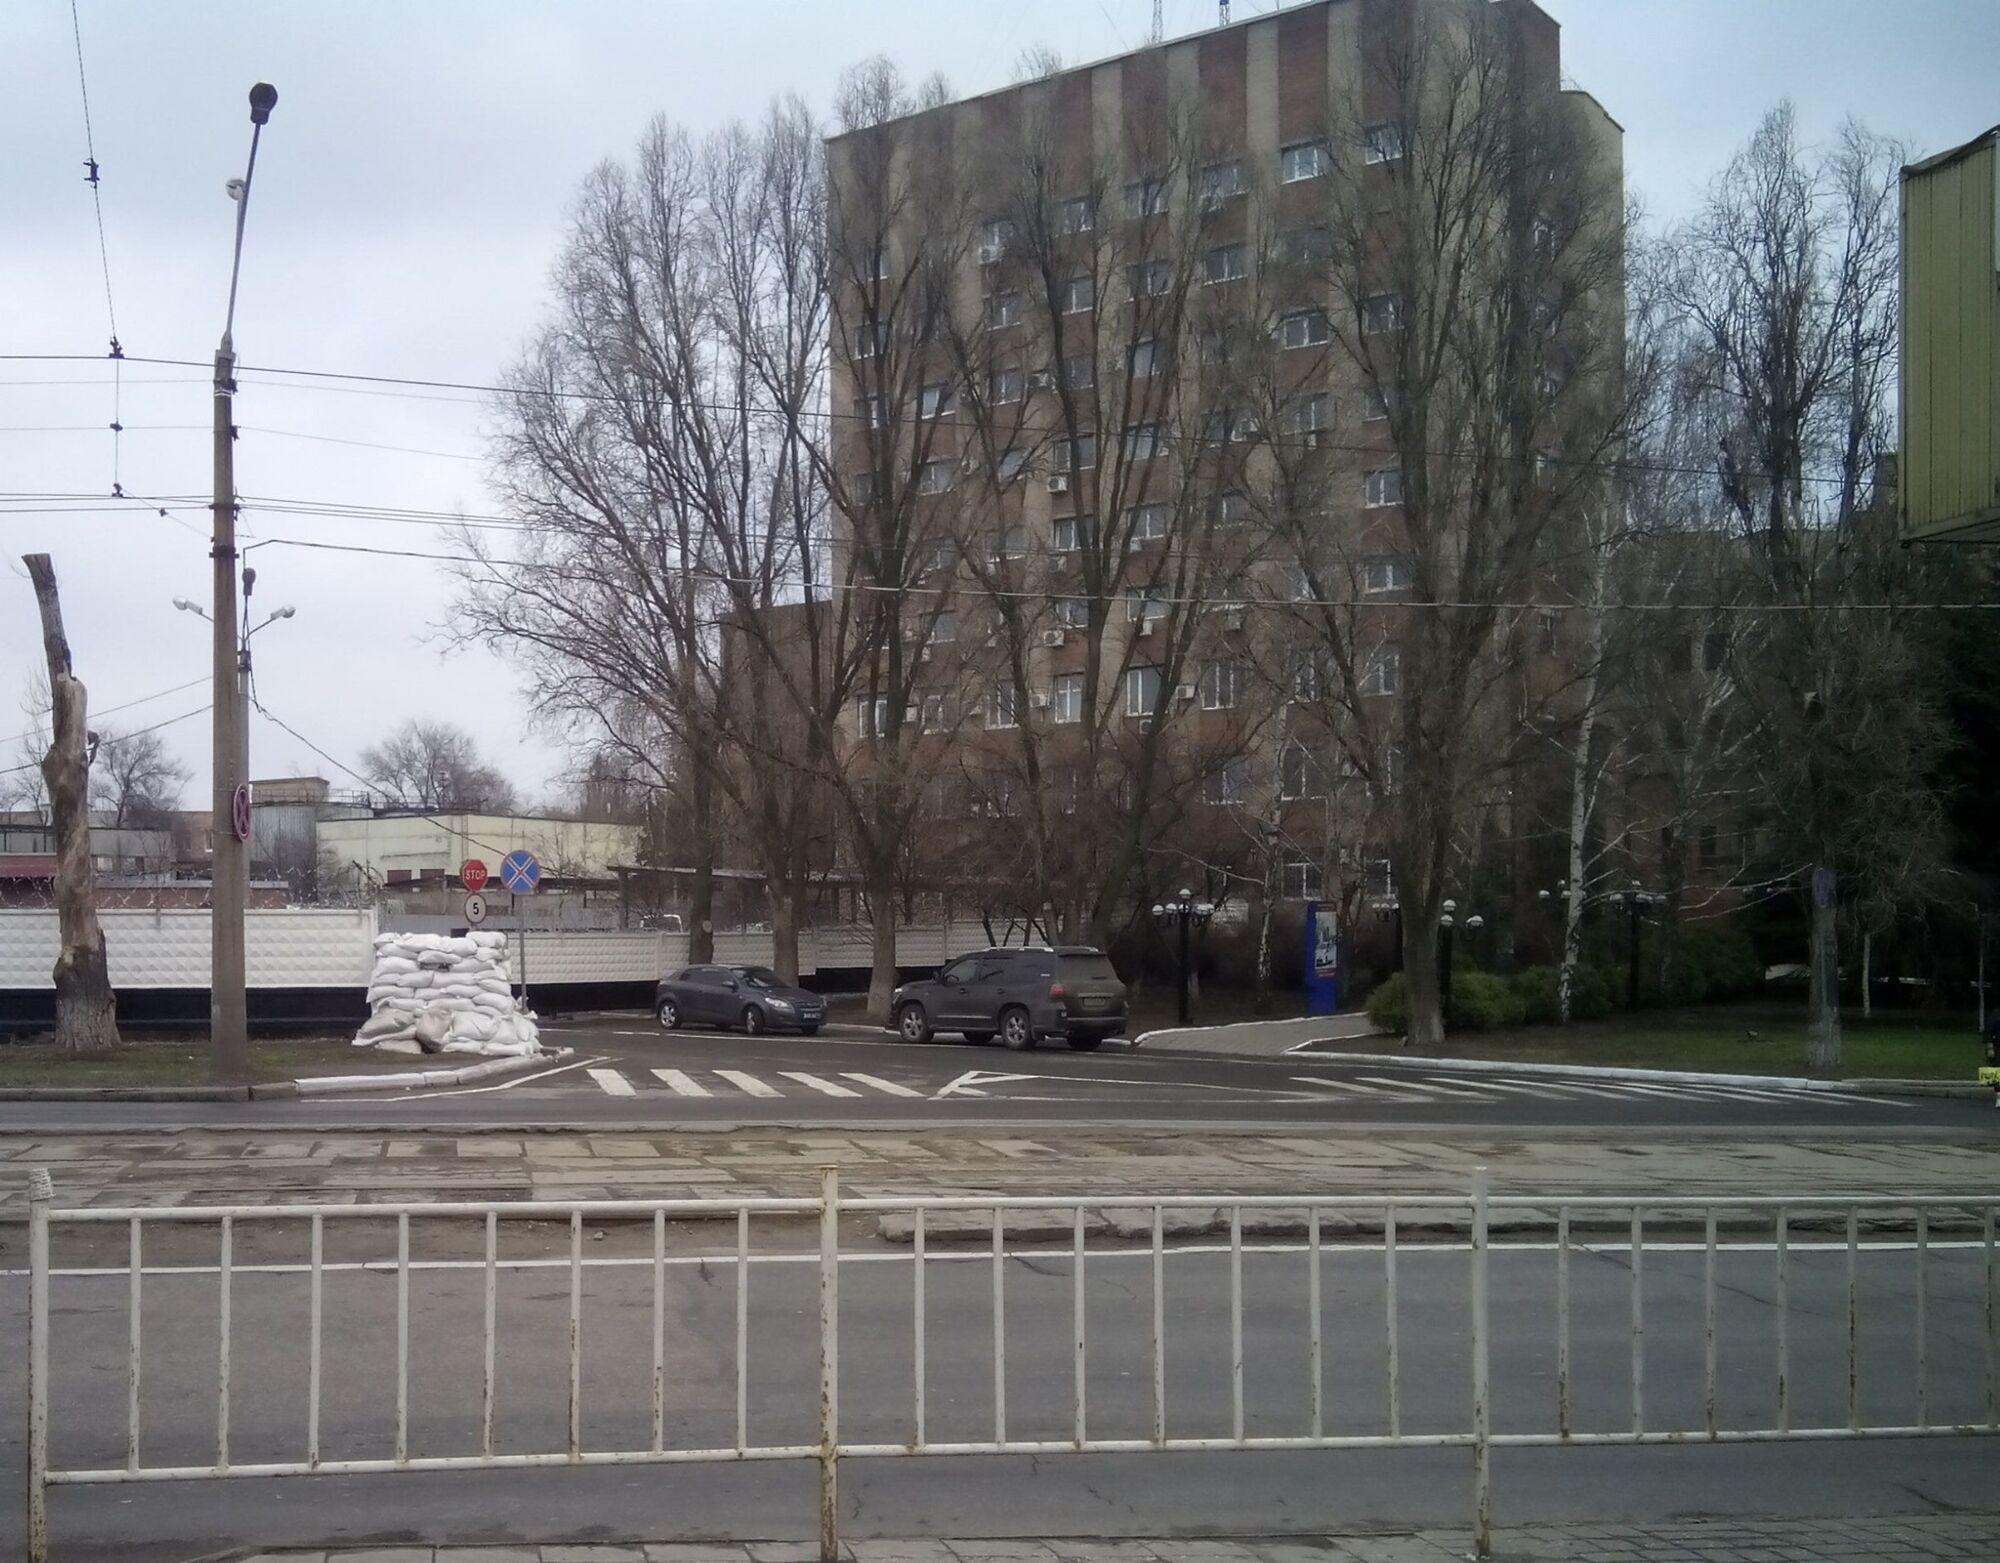 Також мішки з піском з'явилися і біля інших будівель у місті